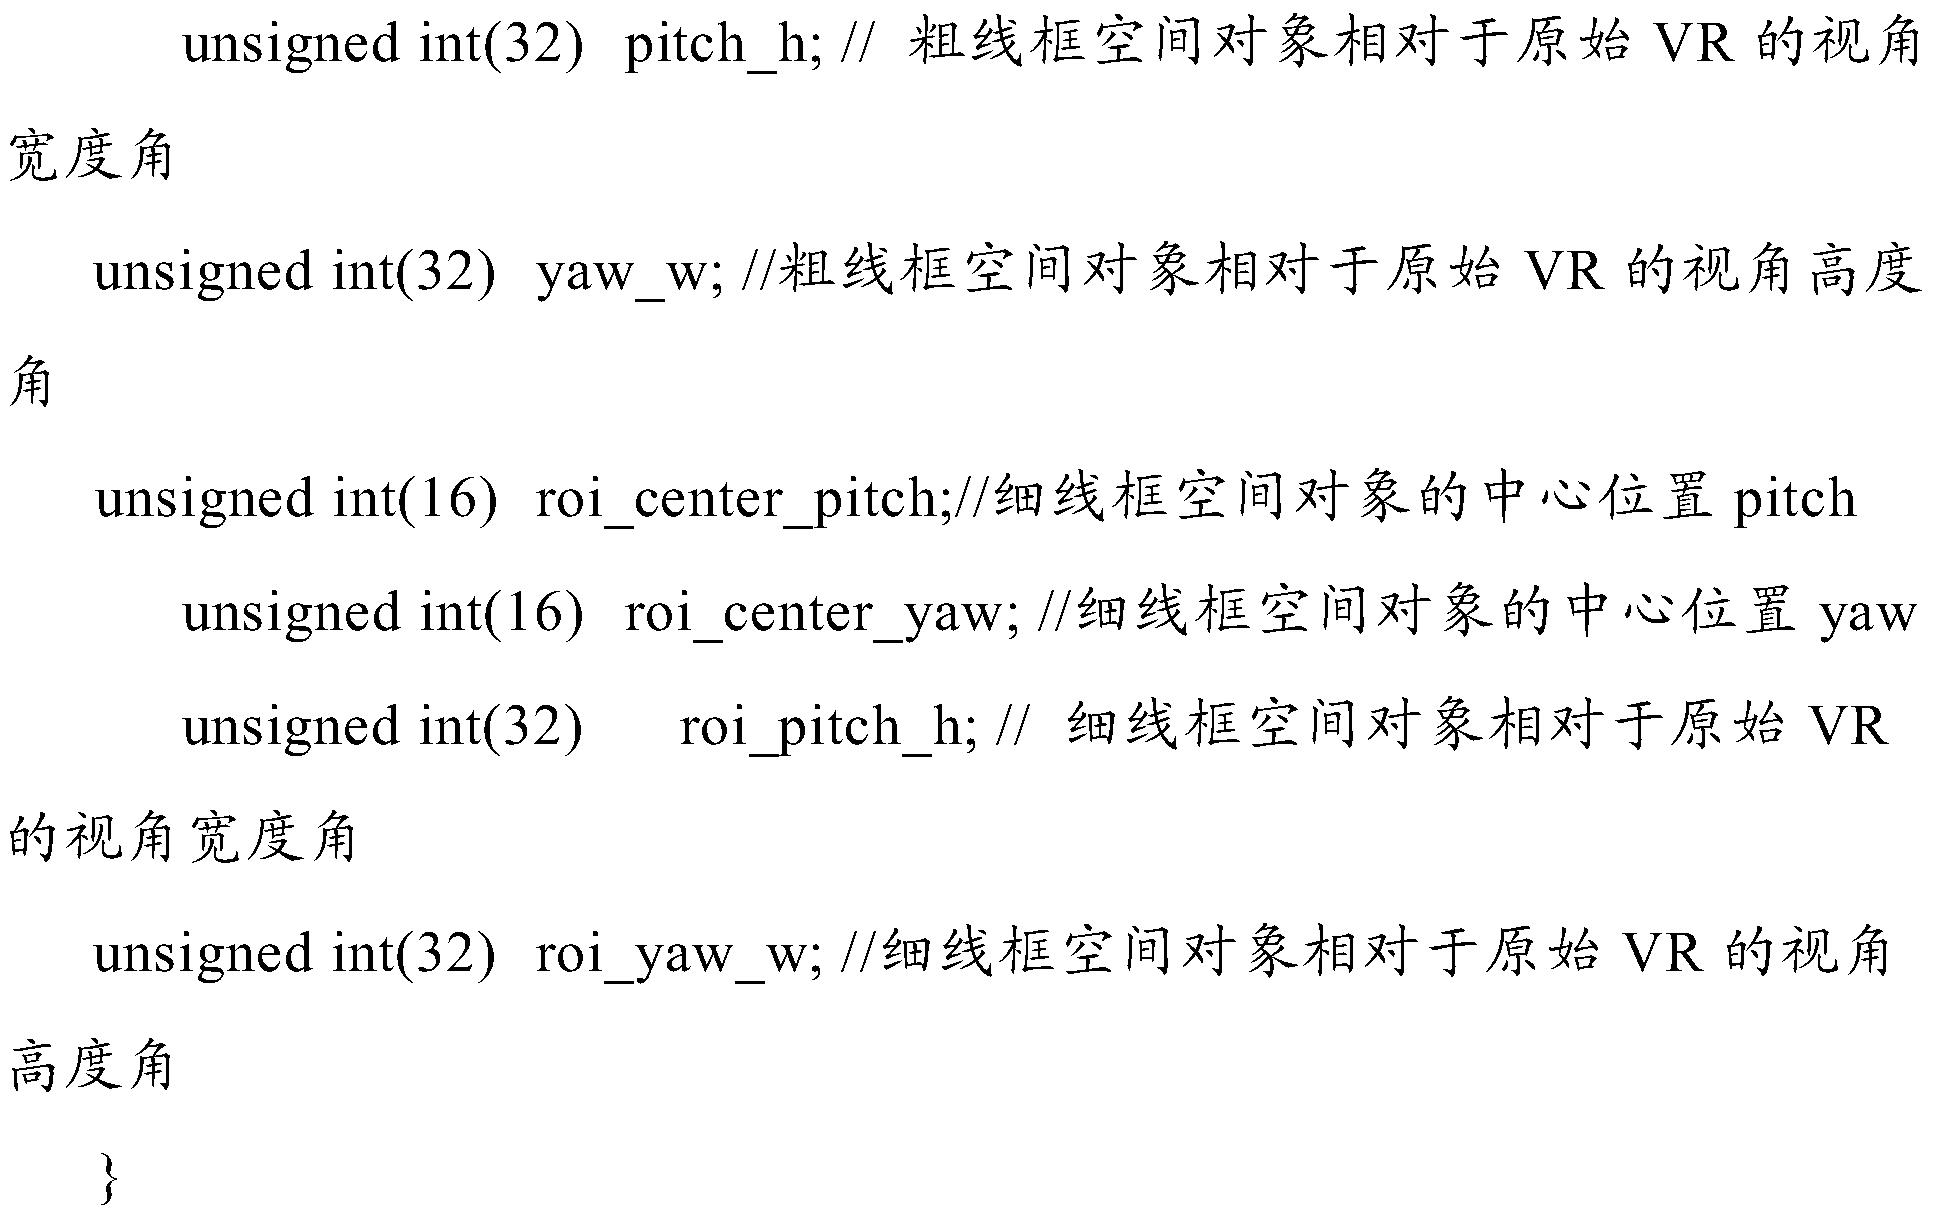 Figure PCTCN2016107111-appb-000004